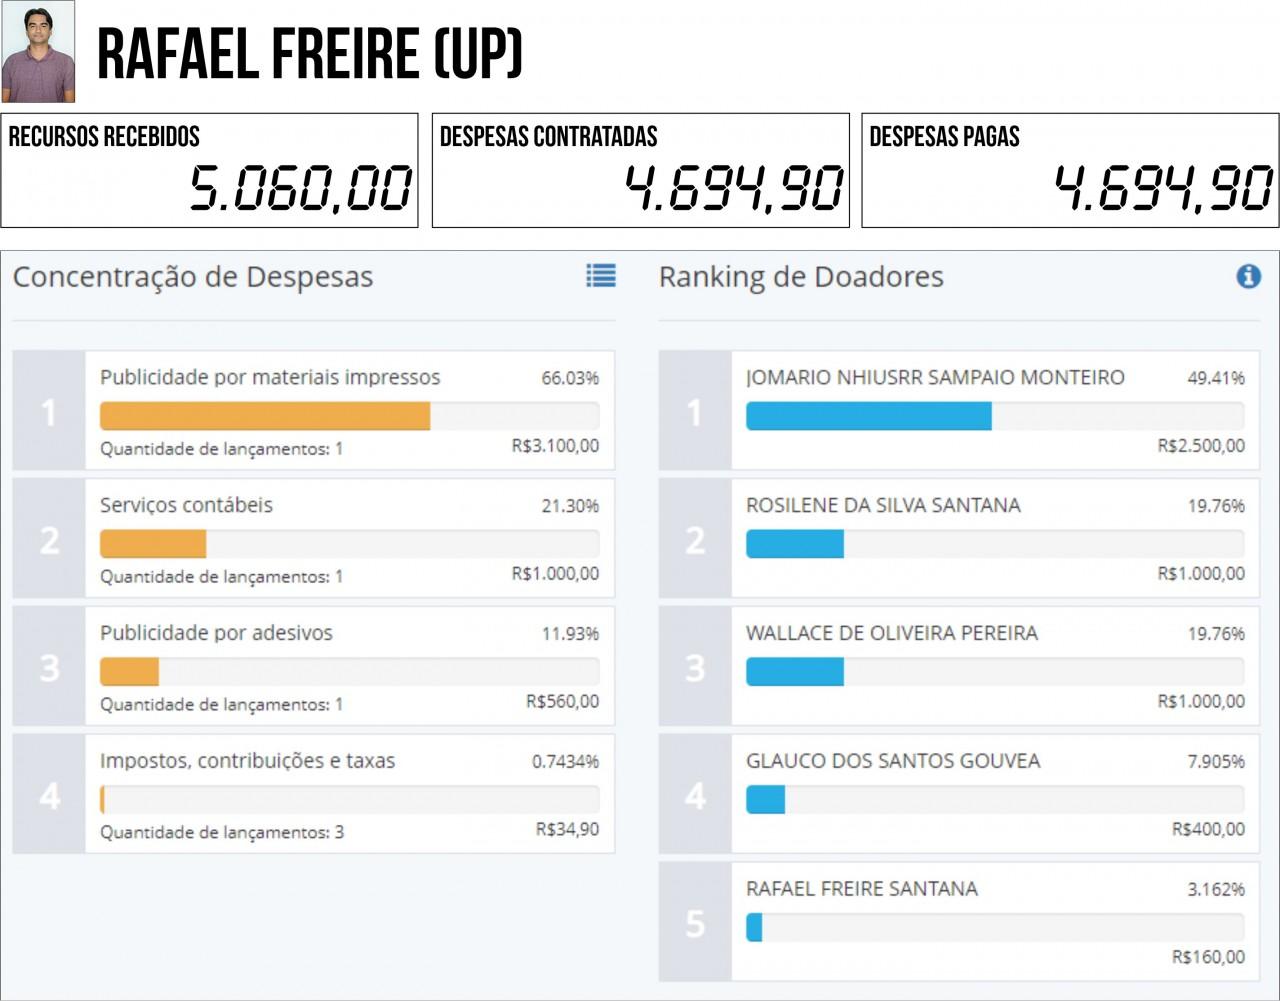 RAFAEL FREIRE UP - 2ª PRESTAÇÃO DE CONTAS: Seis candidatos à PMJP gastaram mais do que arrecadaram - VEJA QUEM SÃO